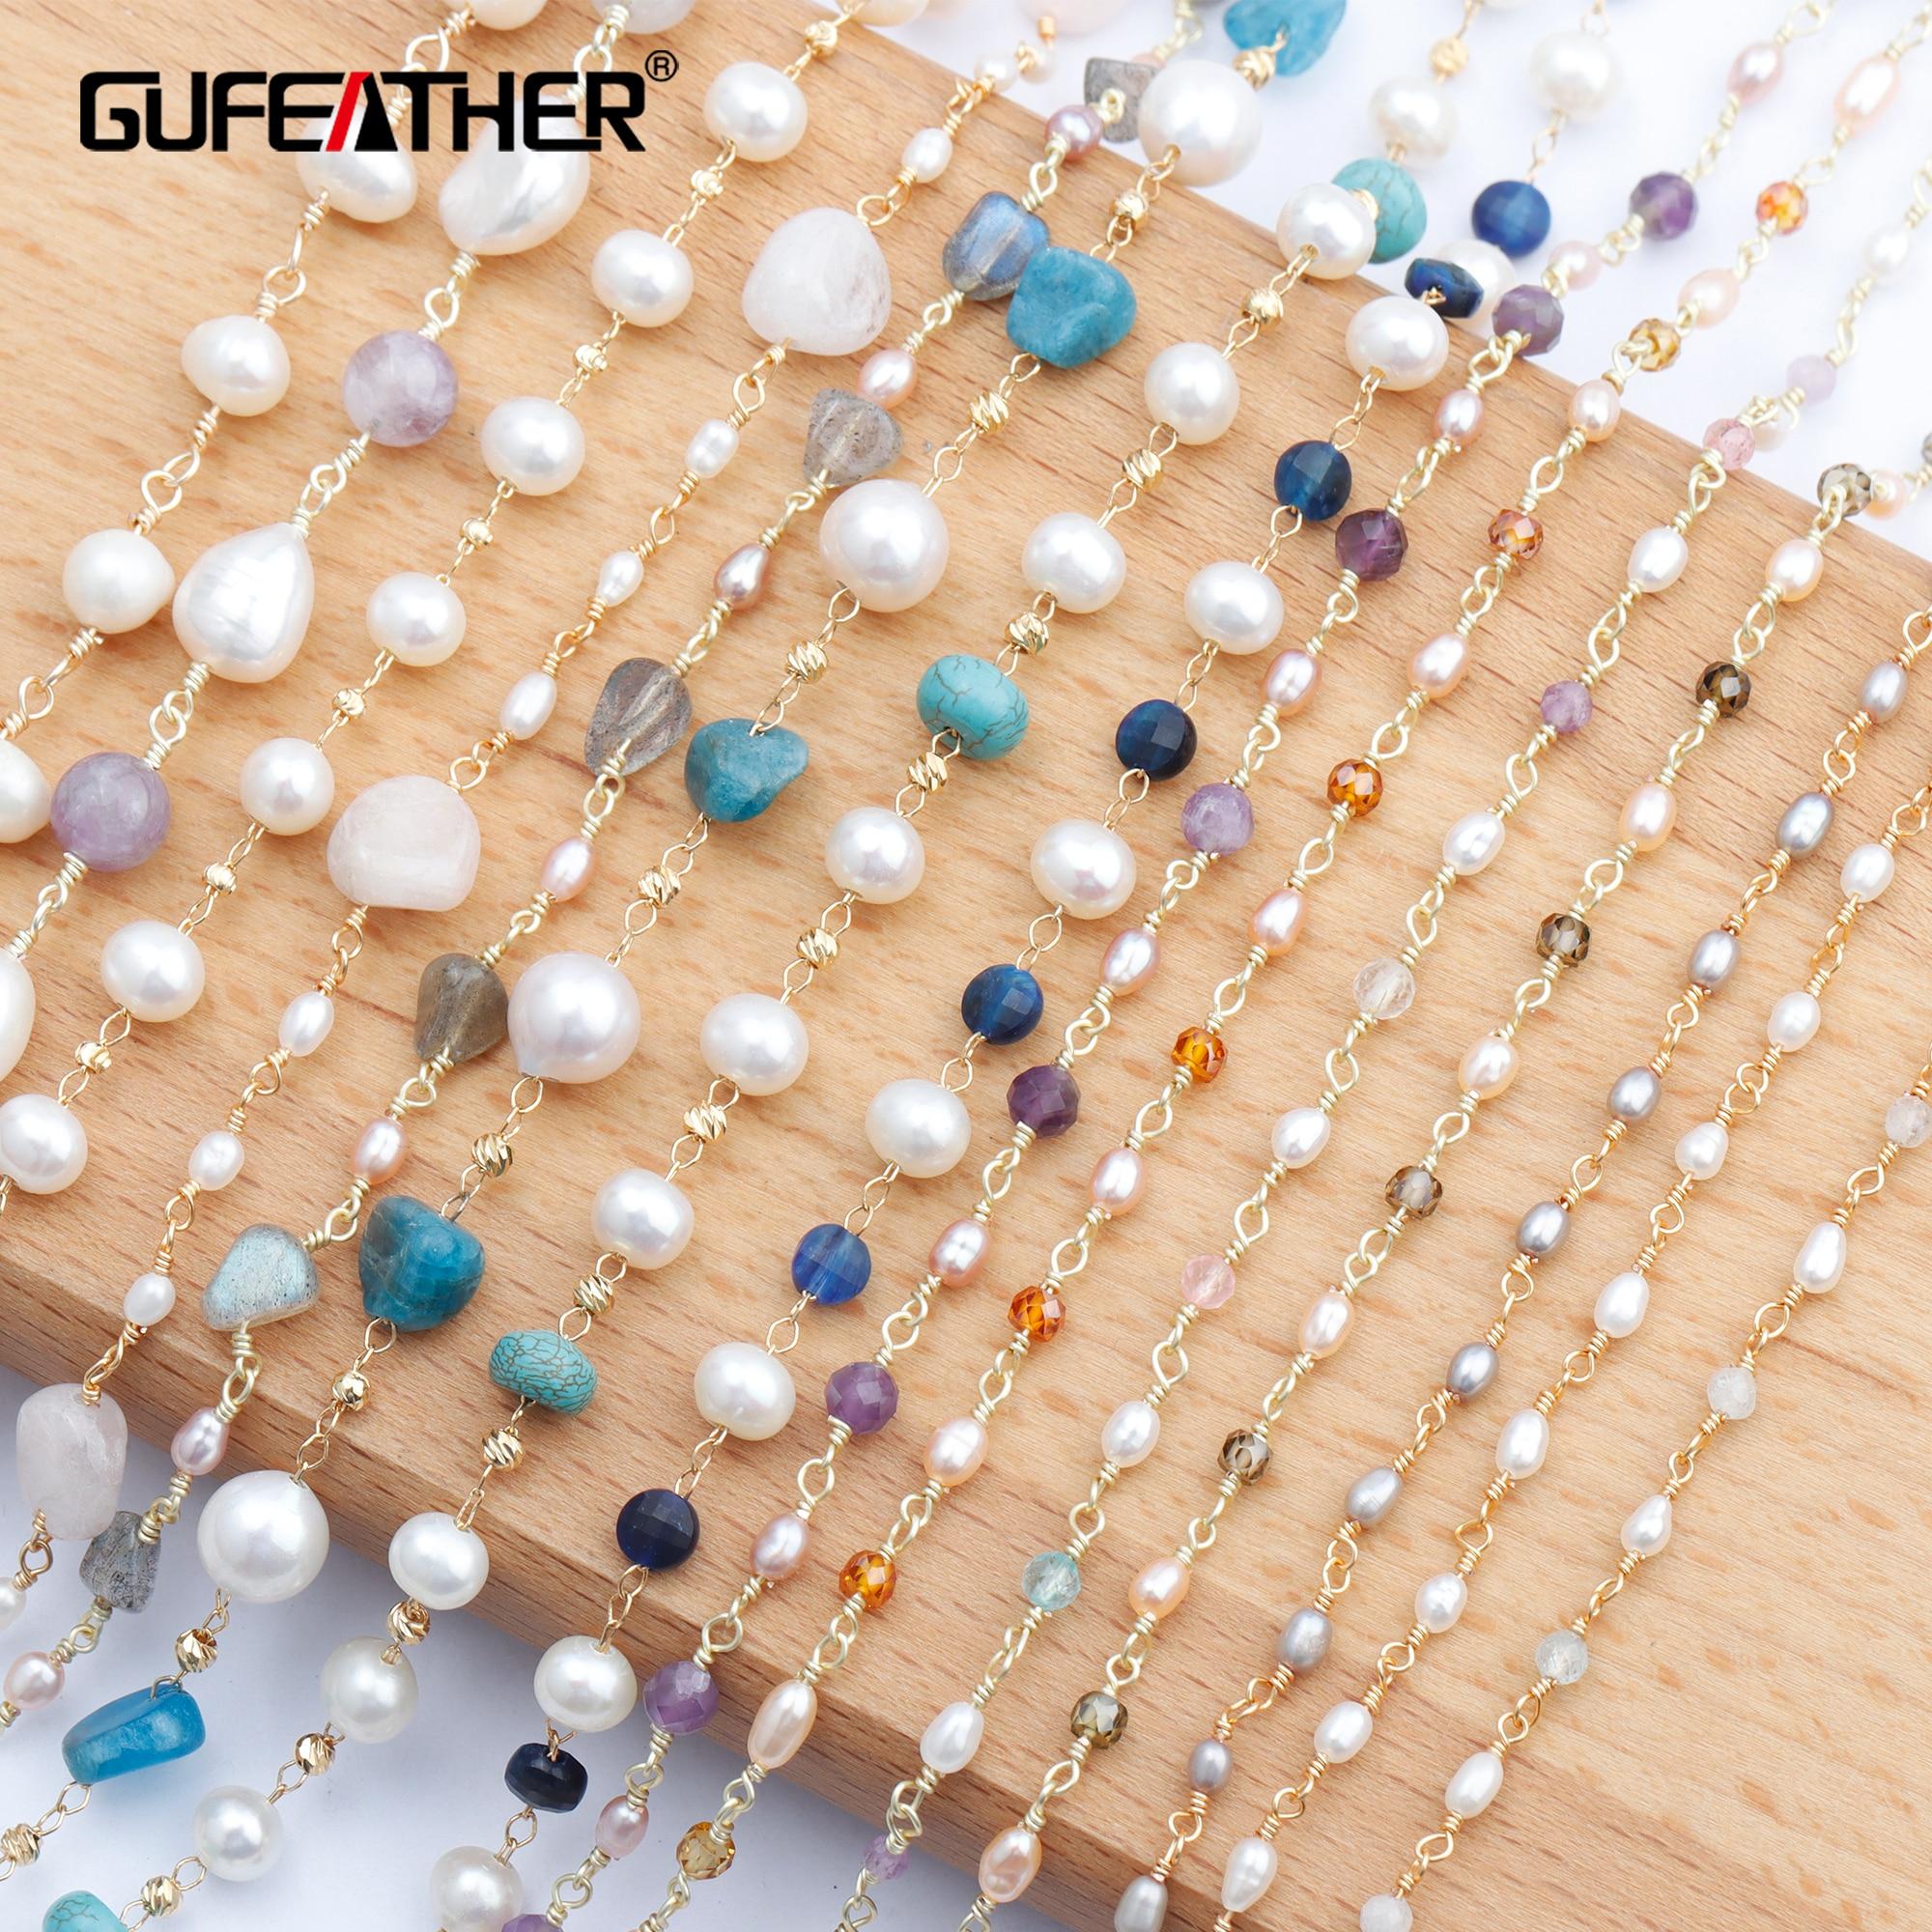 Guplume C80, accessoires de bijoux, chaîne de bricolage, plaqué or 18k, perle de pierre naturelle, fait à la main, fabrication de bijoux, collier de bricolage, 1 m/lot